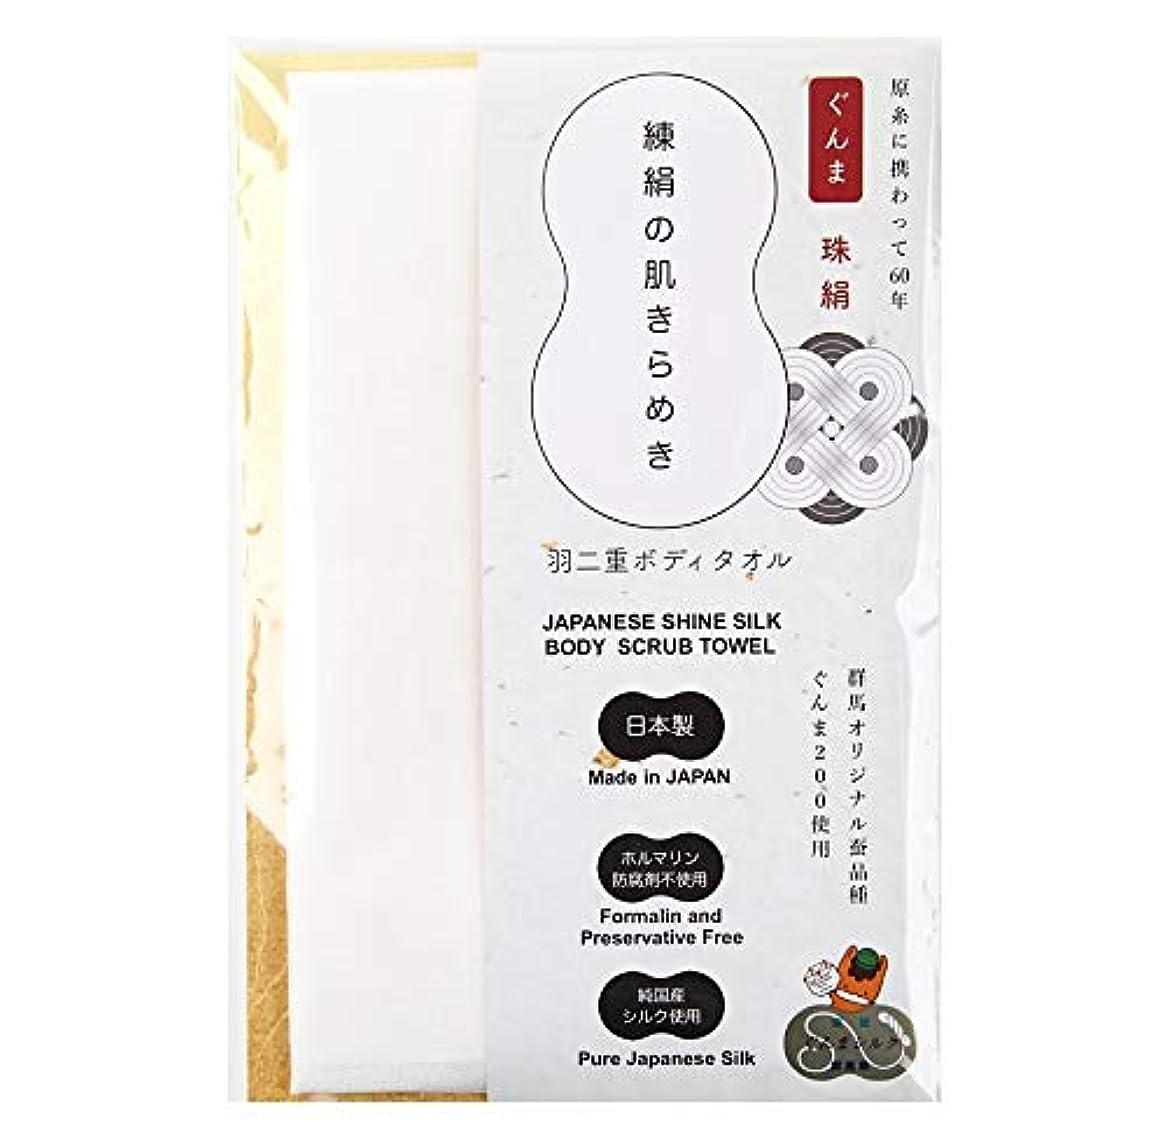 富グロー流暢くーる&ほっと シルクあかすり 純国産絹100%「珠絹(たまぎぬ) 練絹の肌きらめき」 ぐんまシルク (群馬県内で一貫製造) 日本製 シルクプロテイン?フィブロインの力で角質ケアボディタオル 羽二重あかすりタオル